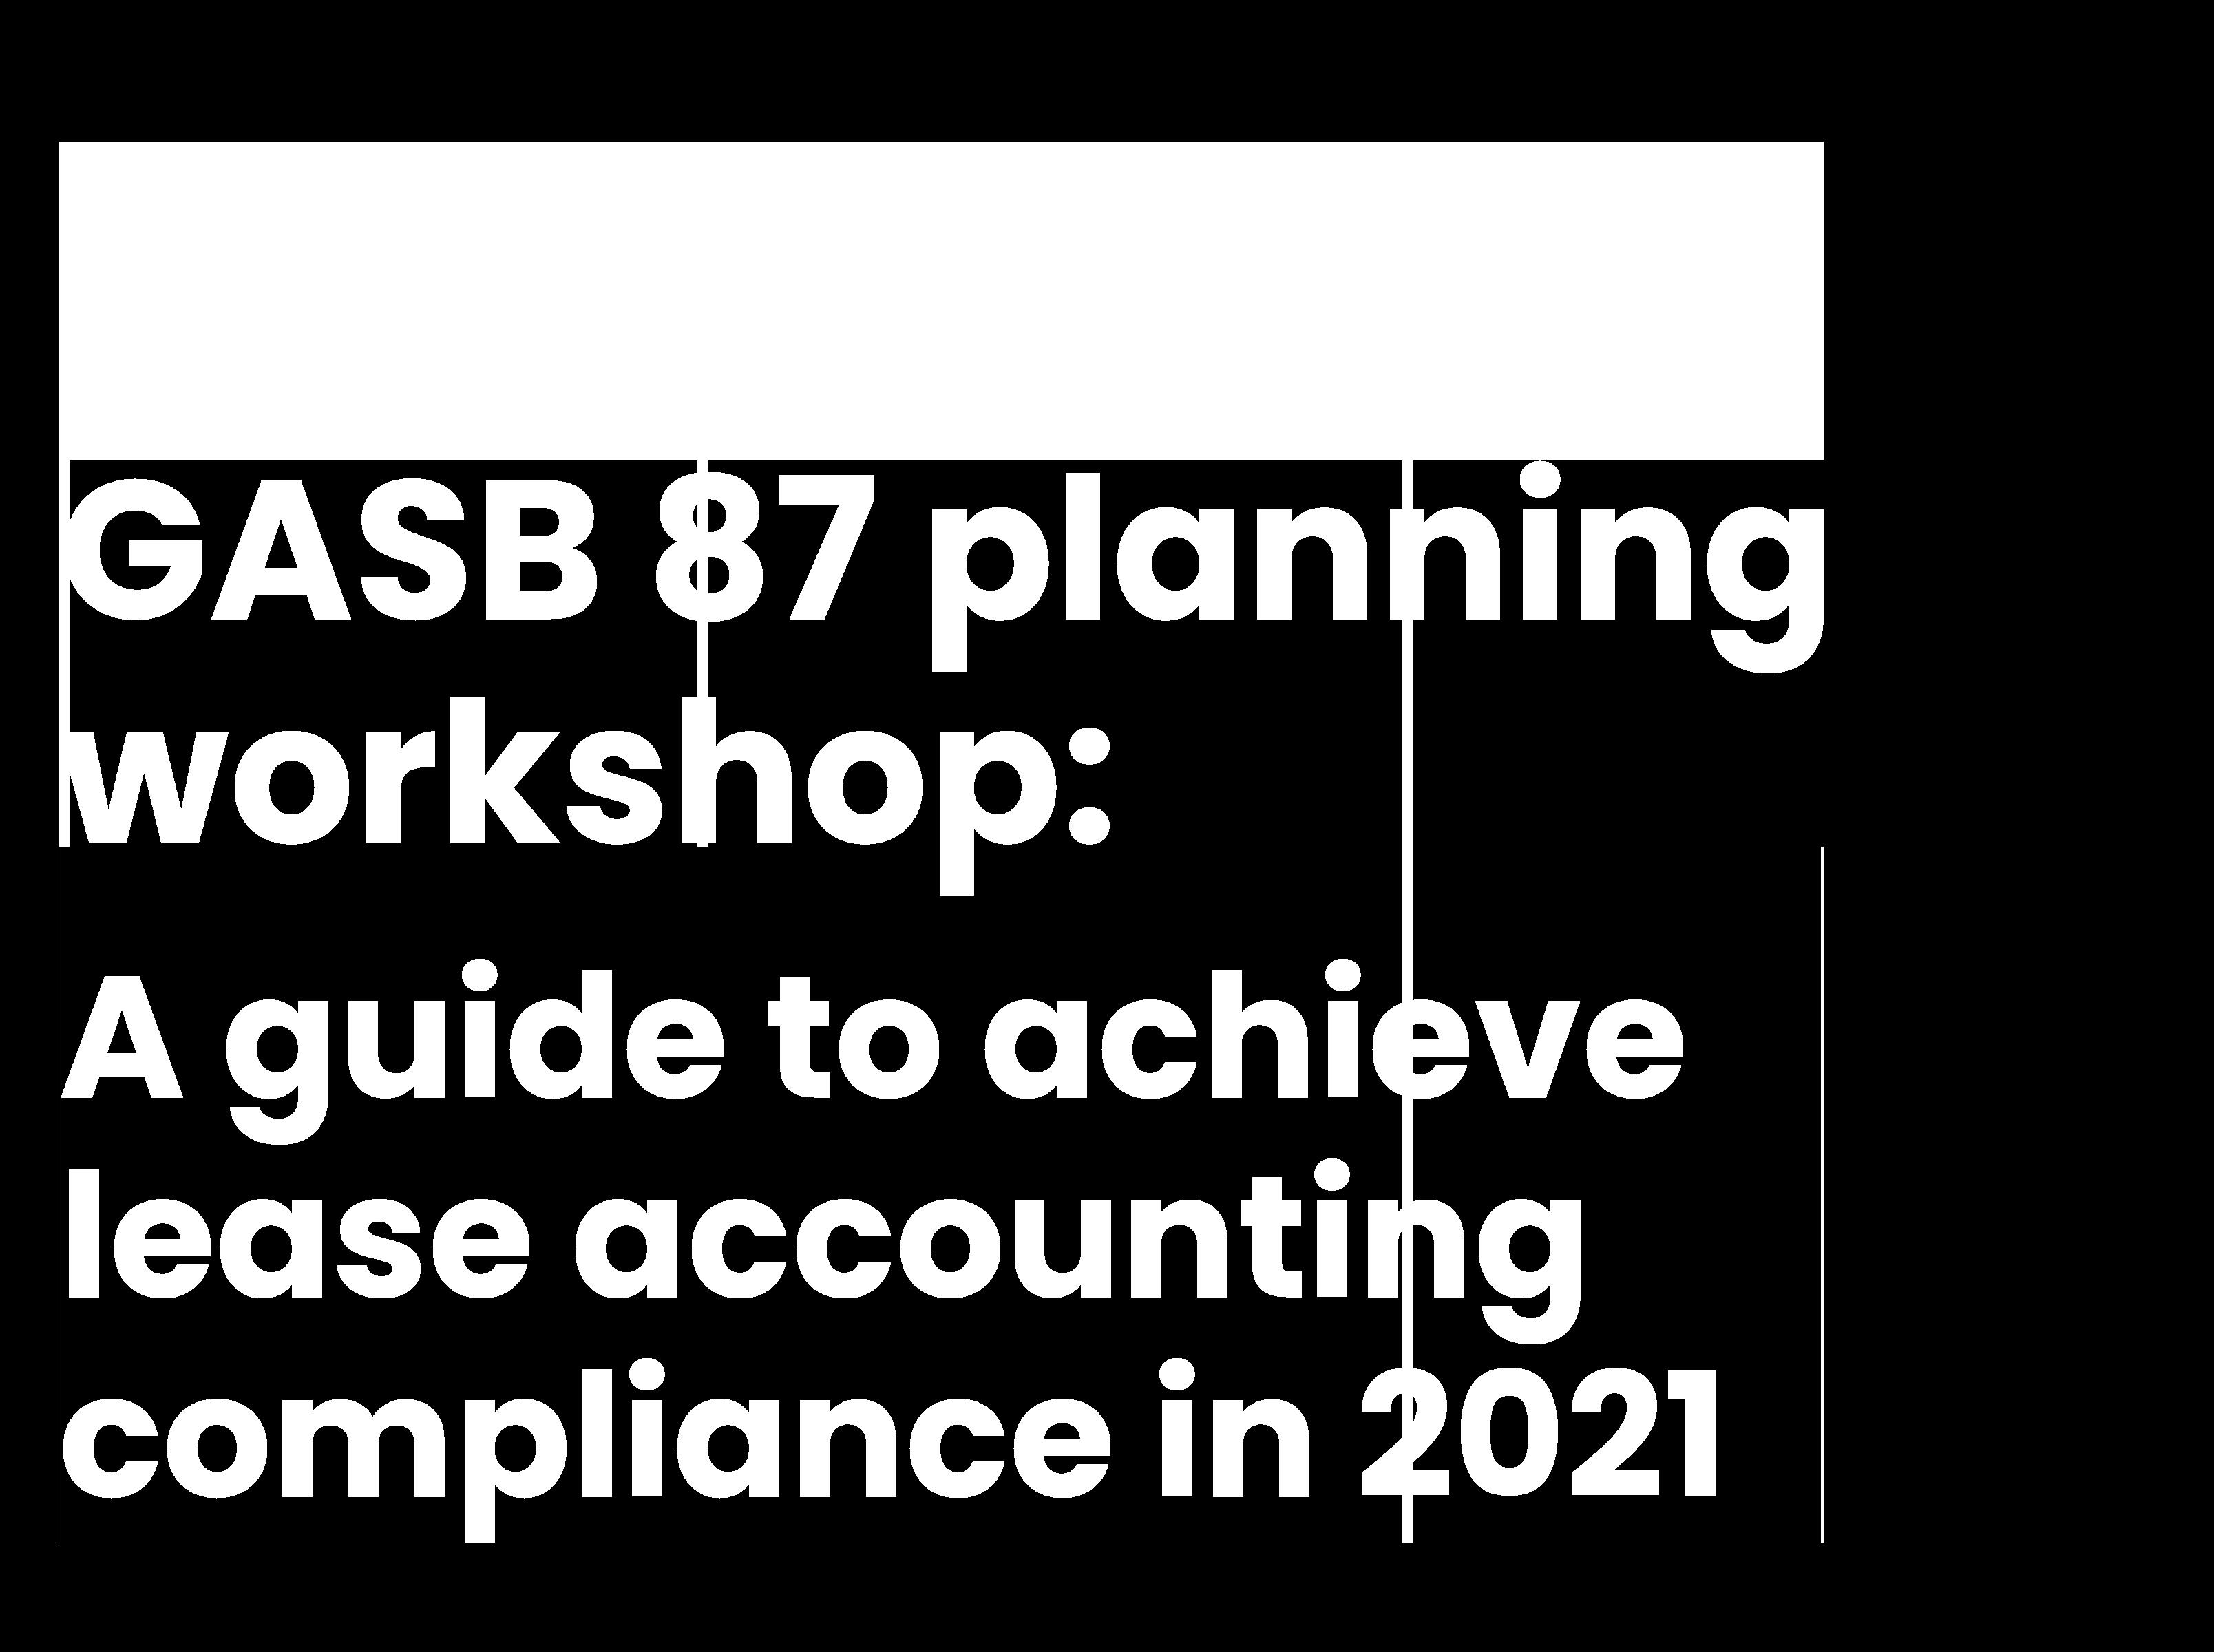 GASB-Apr-27-2021-08-41-19-37-PM